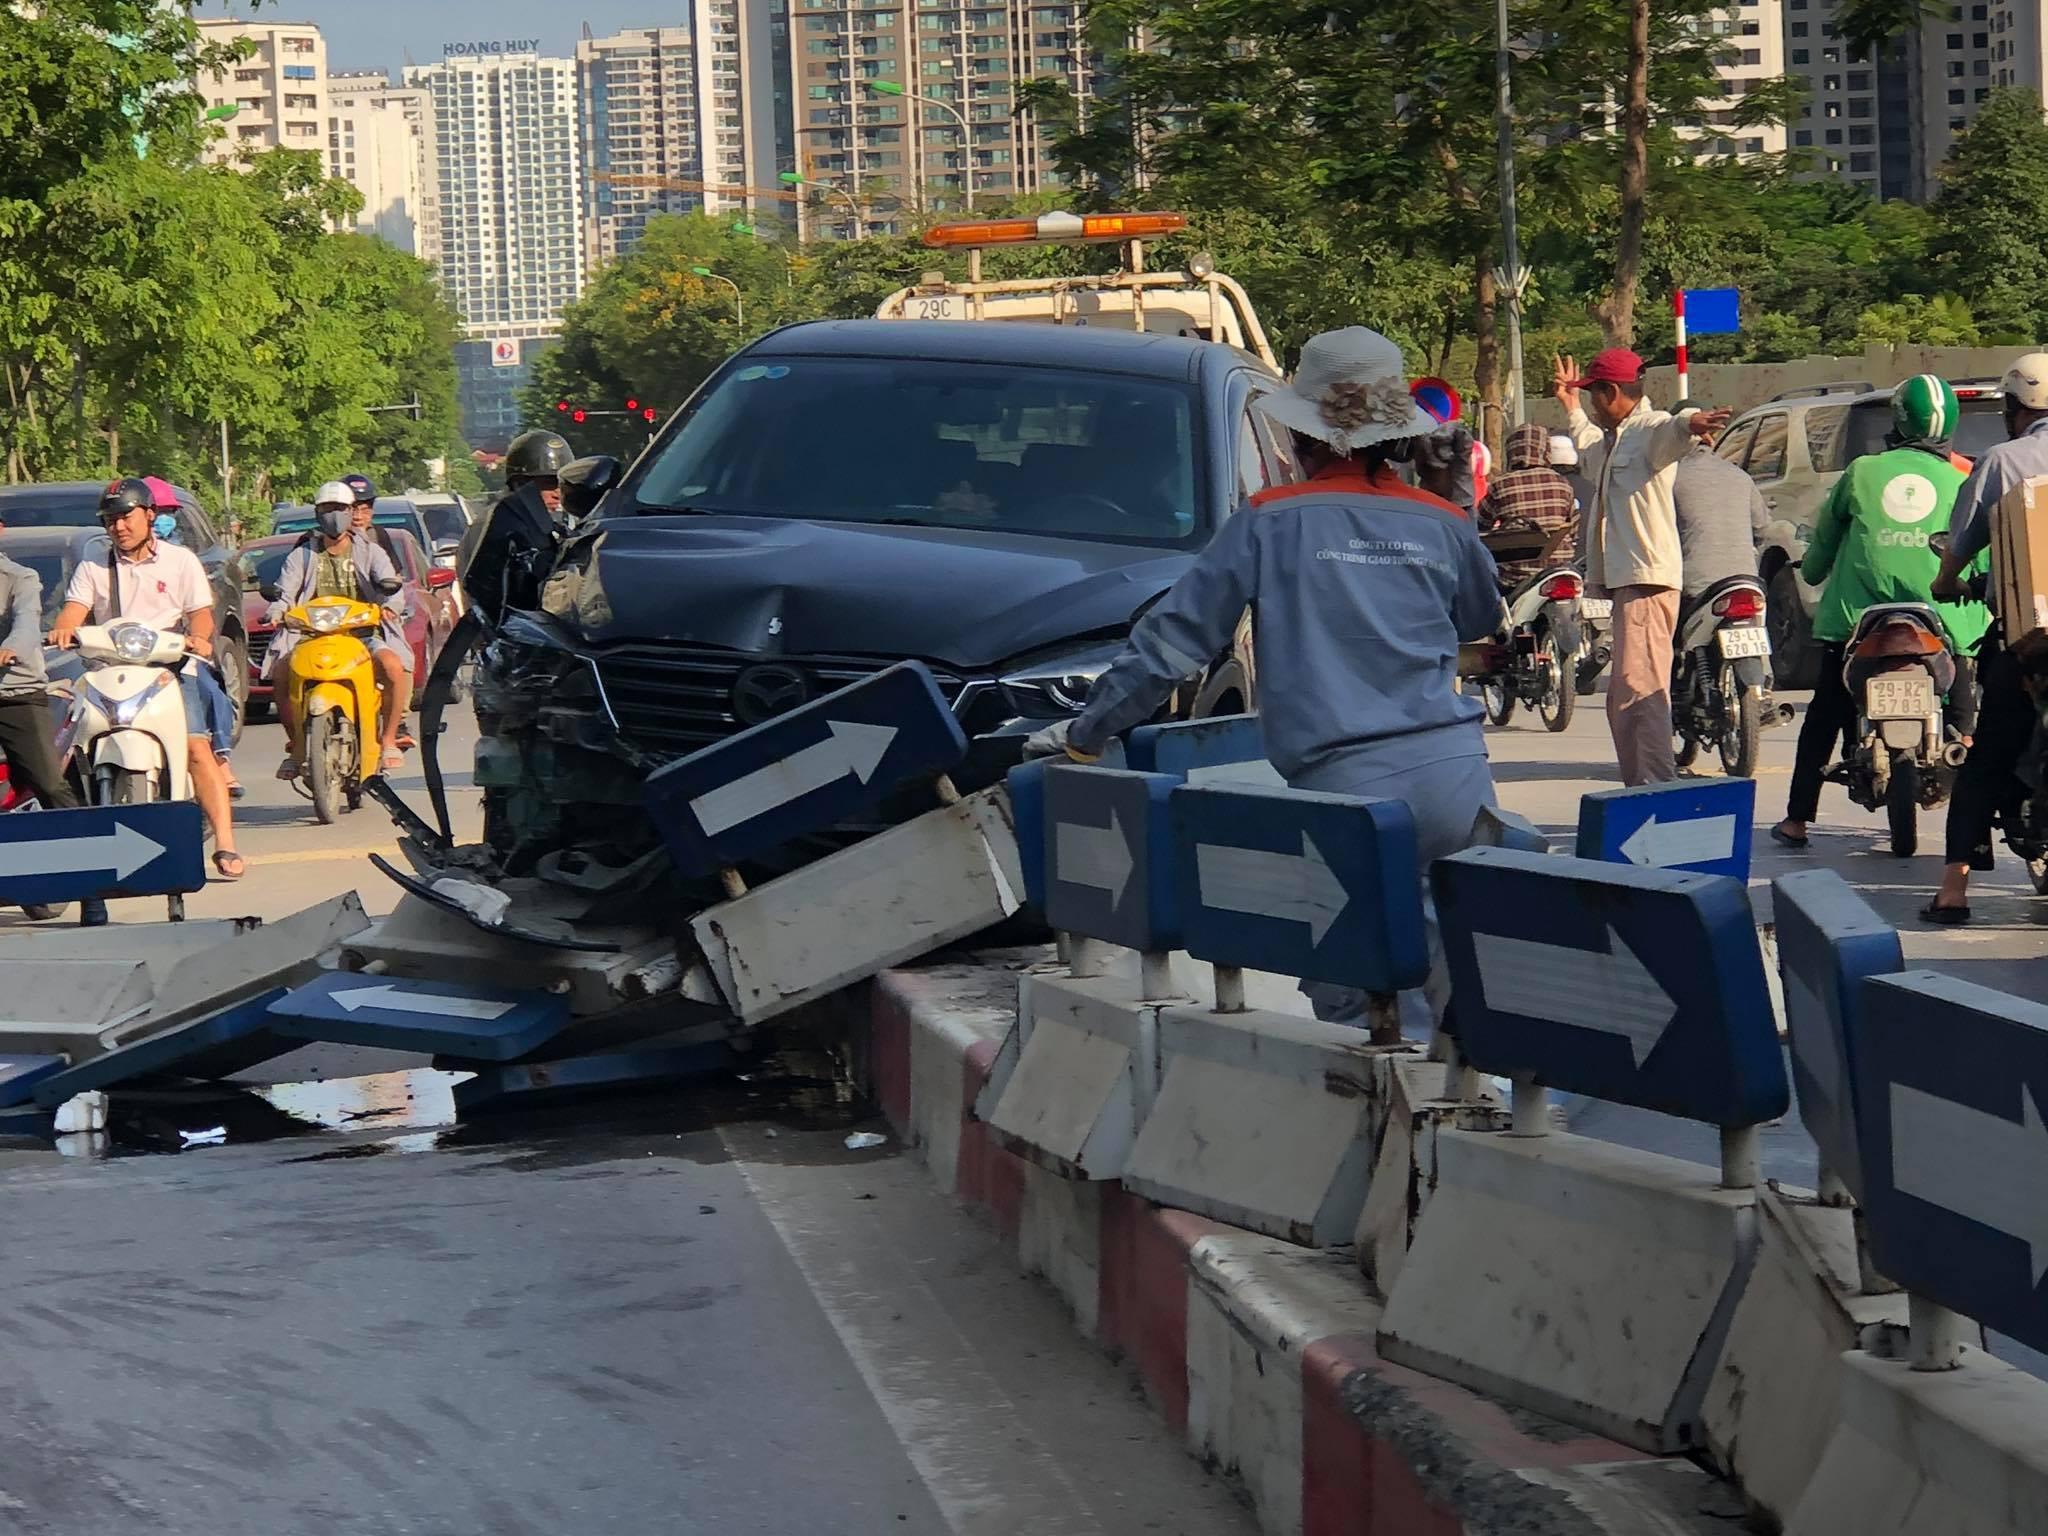 Hà Nội: 'Xế hộp' húc tung dải phân cách trên đường Hoàng Minh Giám Ảnh 2